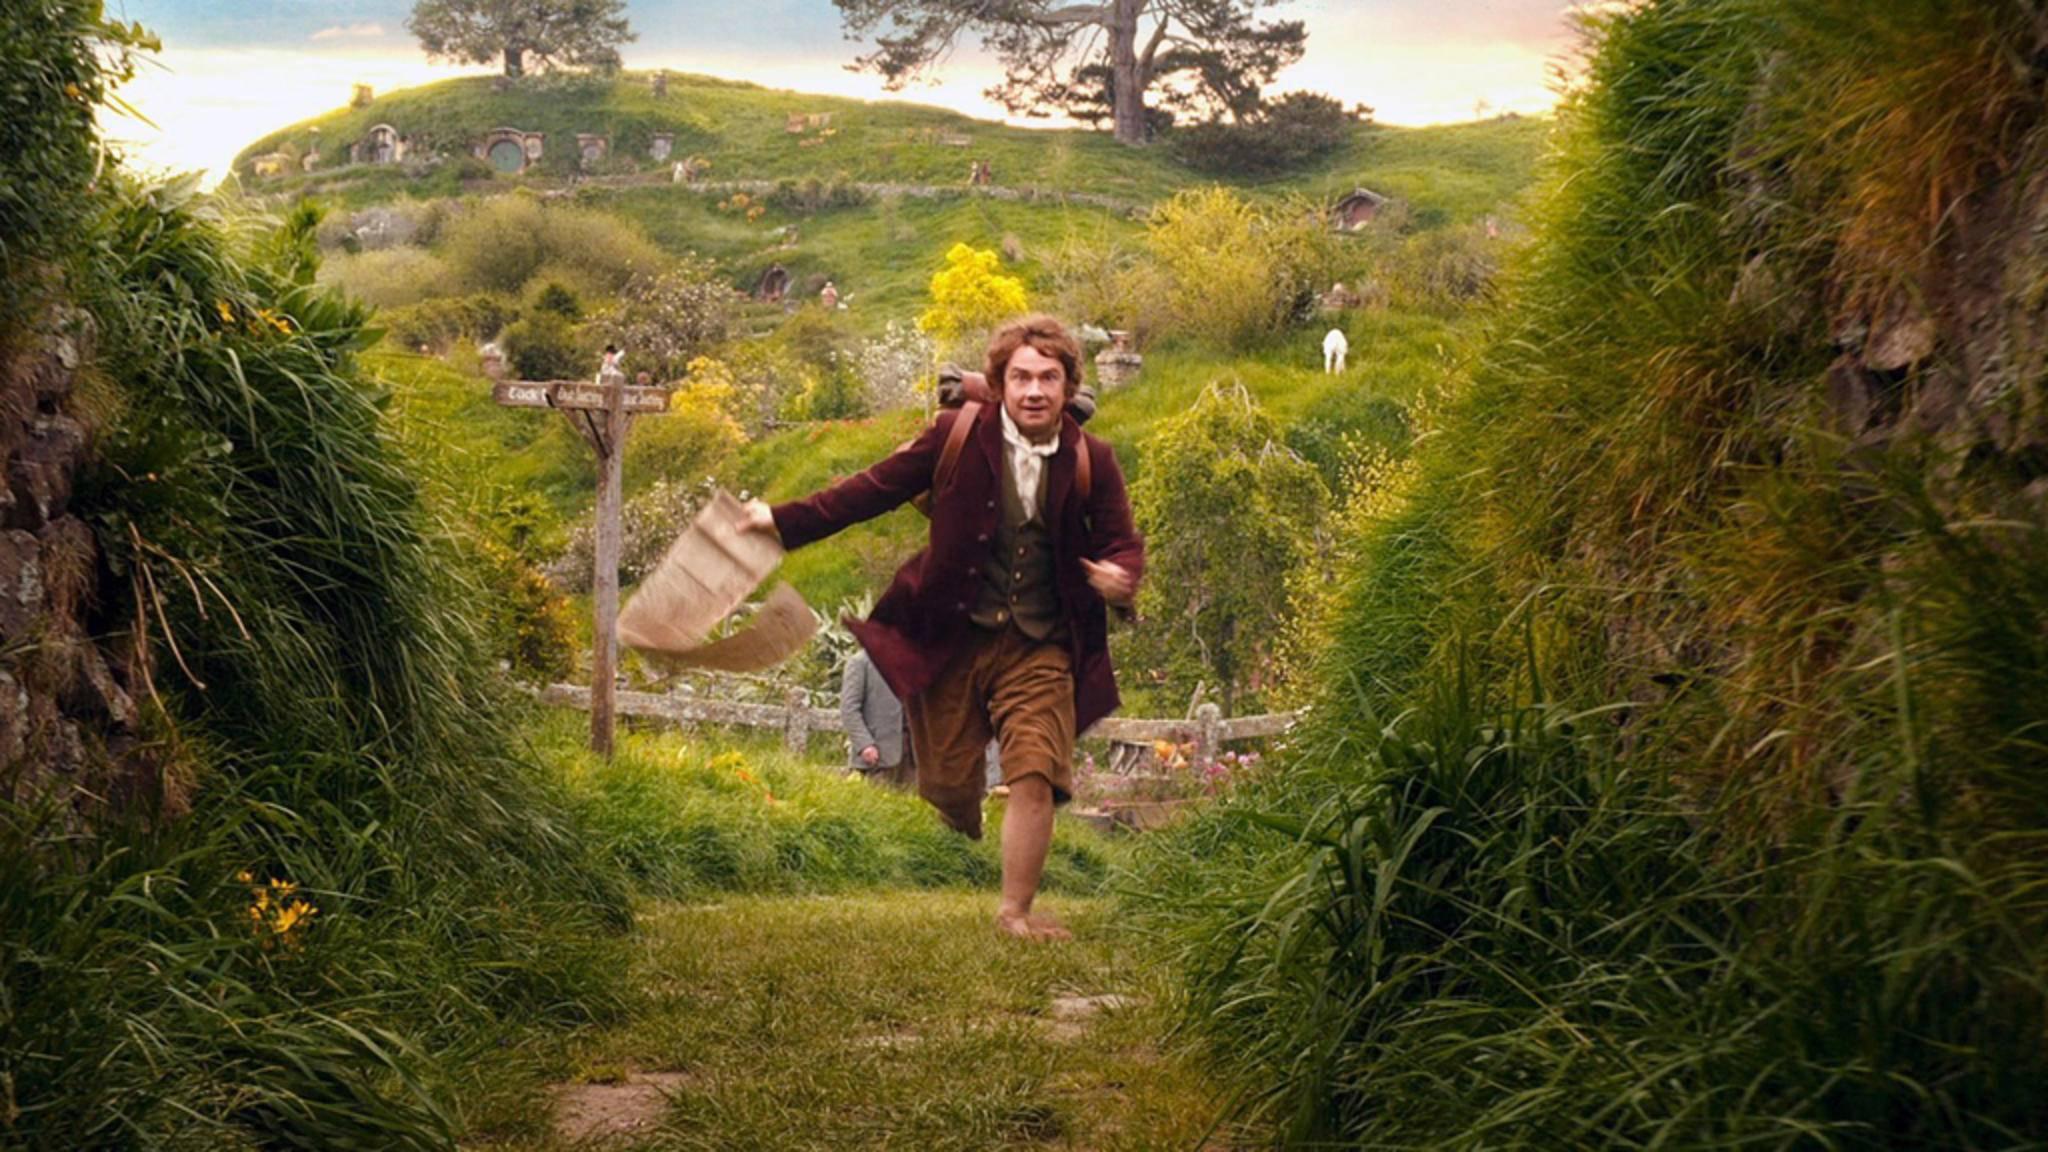 Auf in ein neues Abenteuer! Bilbo Beutlin (Martin Freeman) packt die Wanderlust.